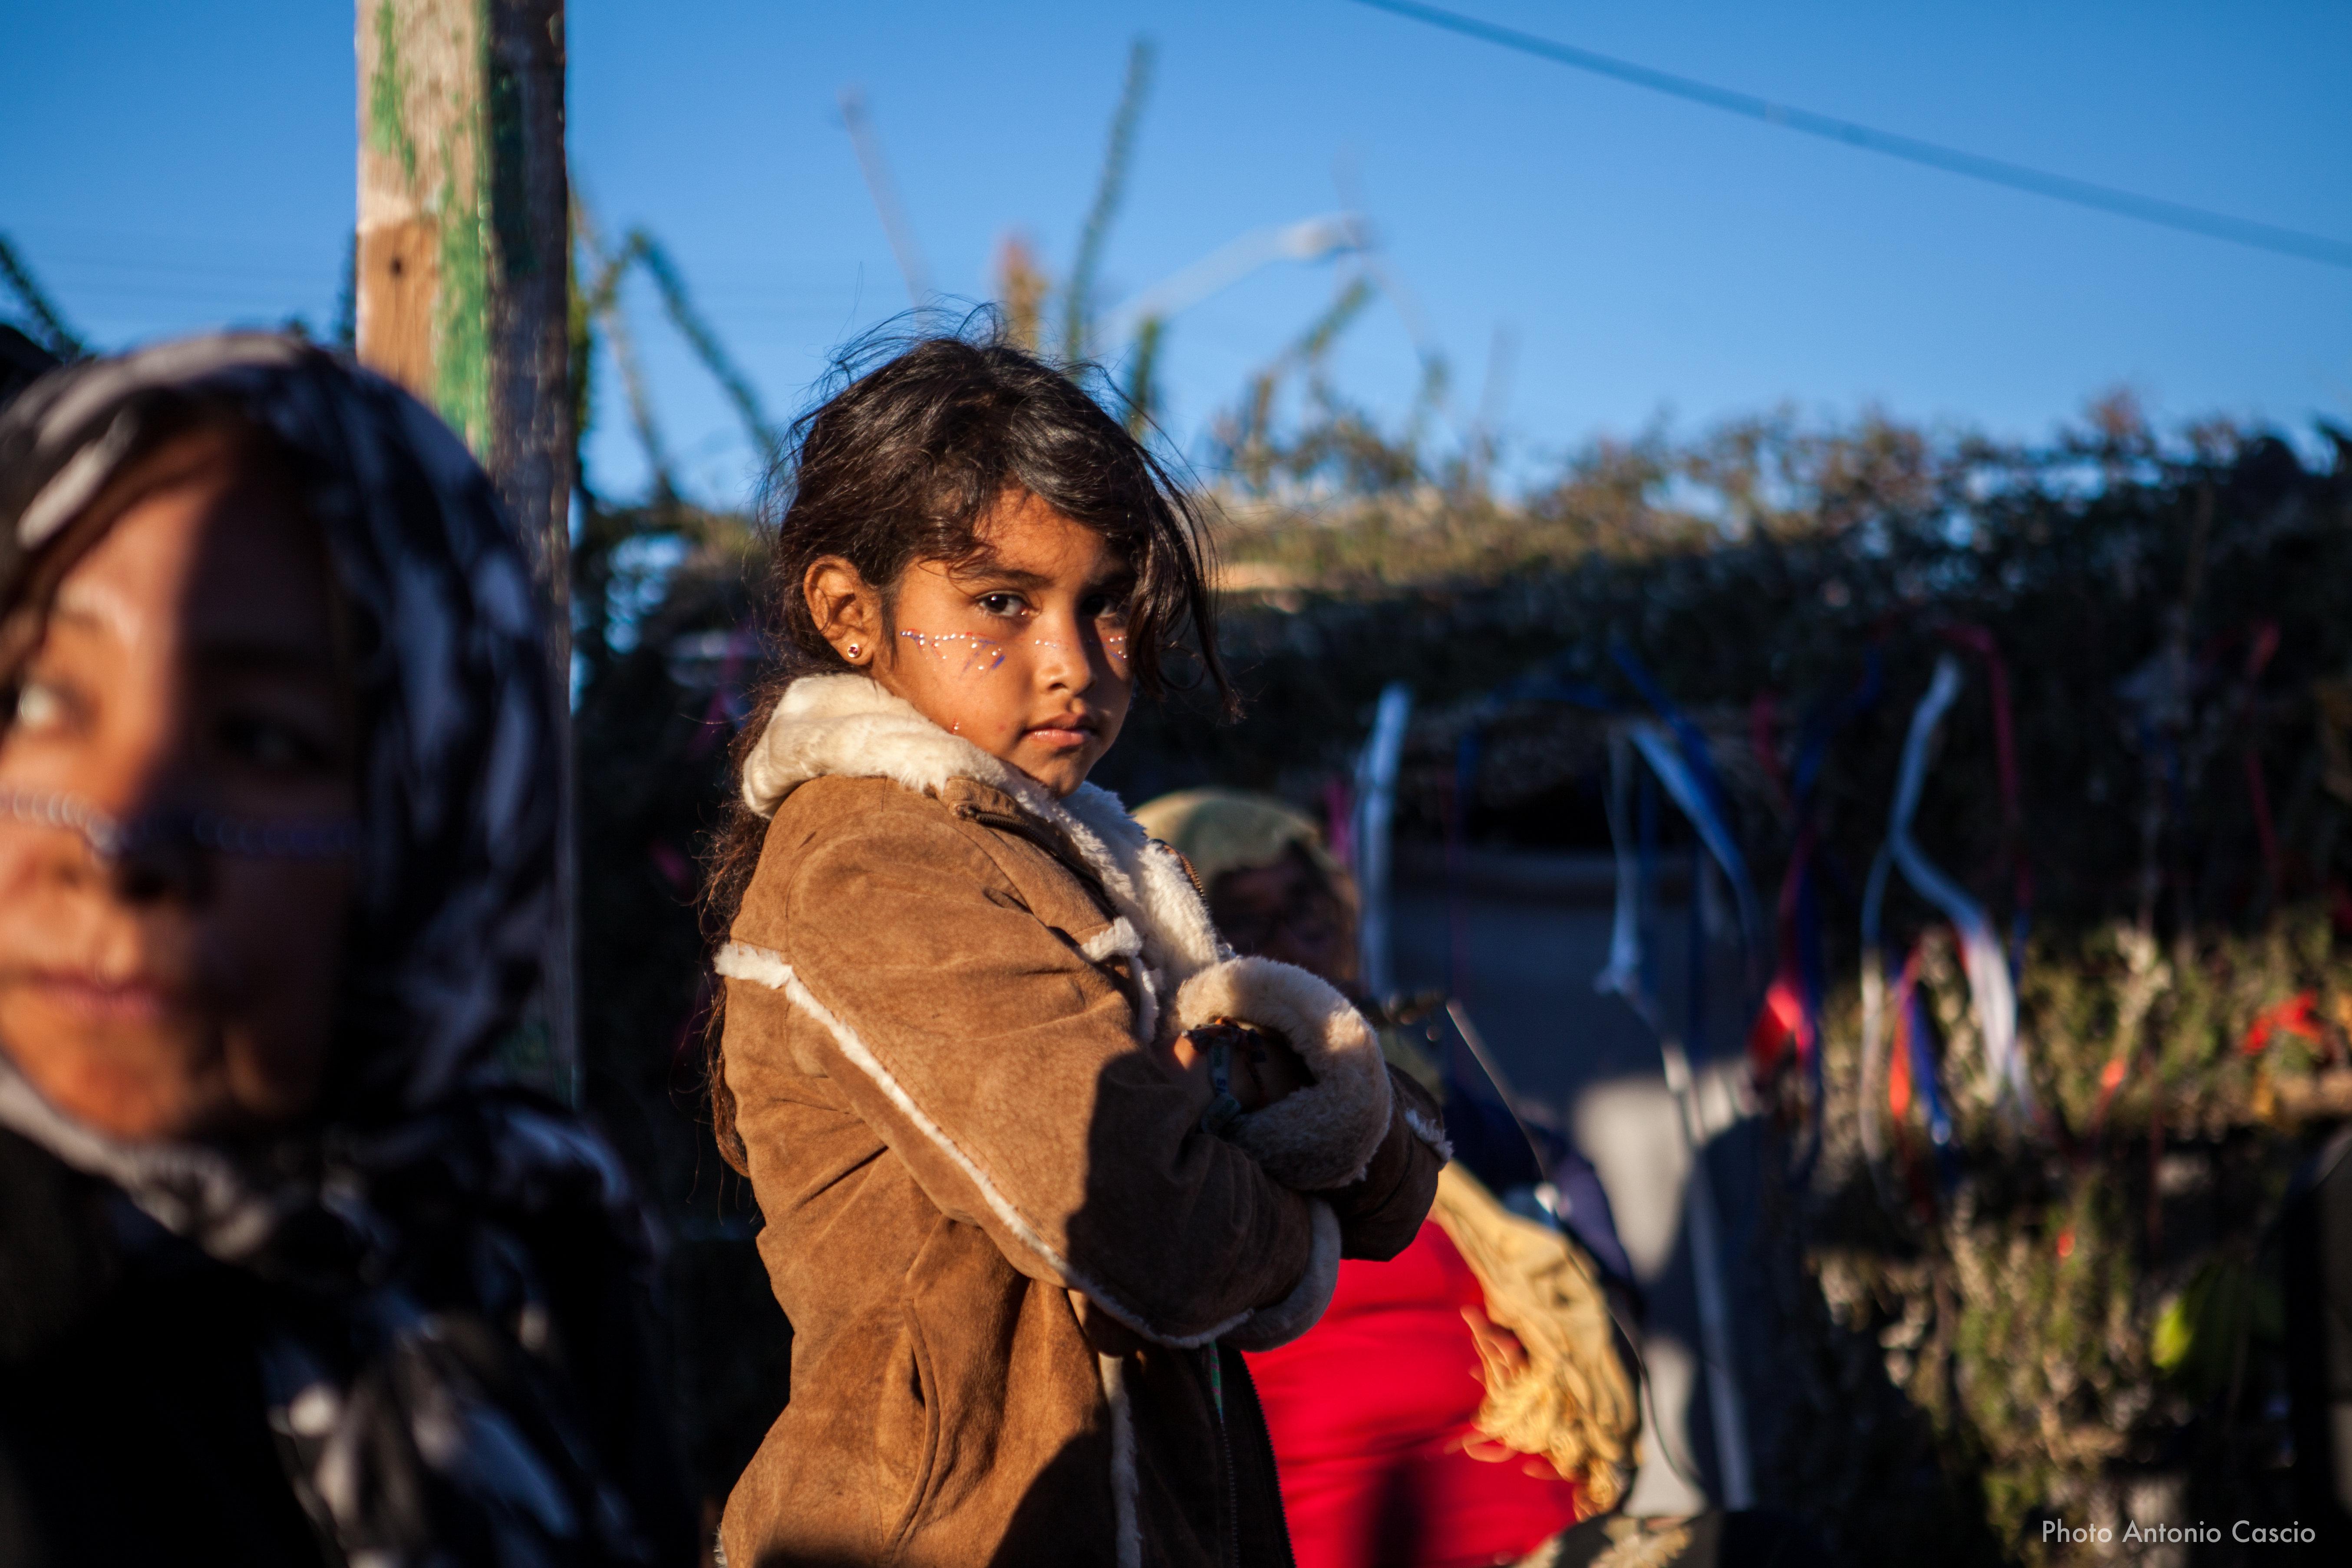 Bambina durante la festa della pubertà. Punta Chueca, Sonora, Mexico. 10/12/19